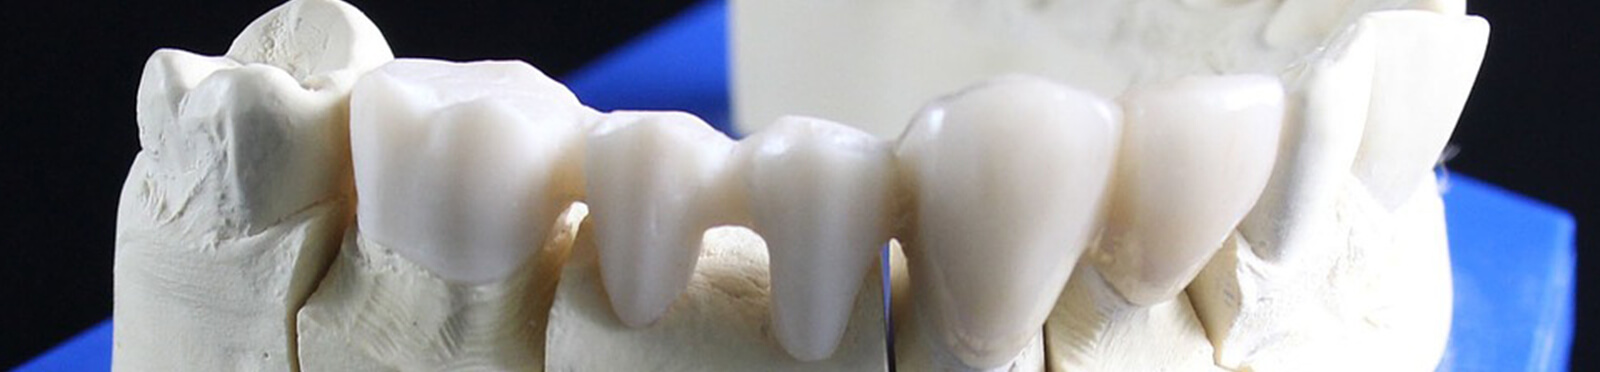 Feste Zähne mit Brücke